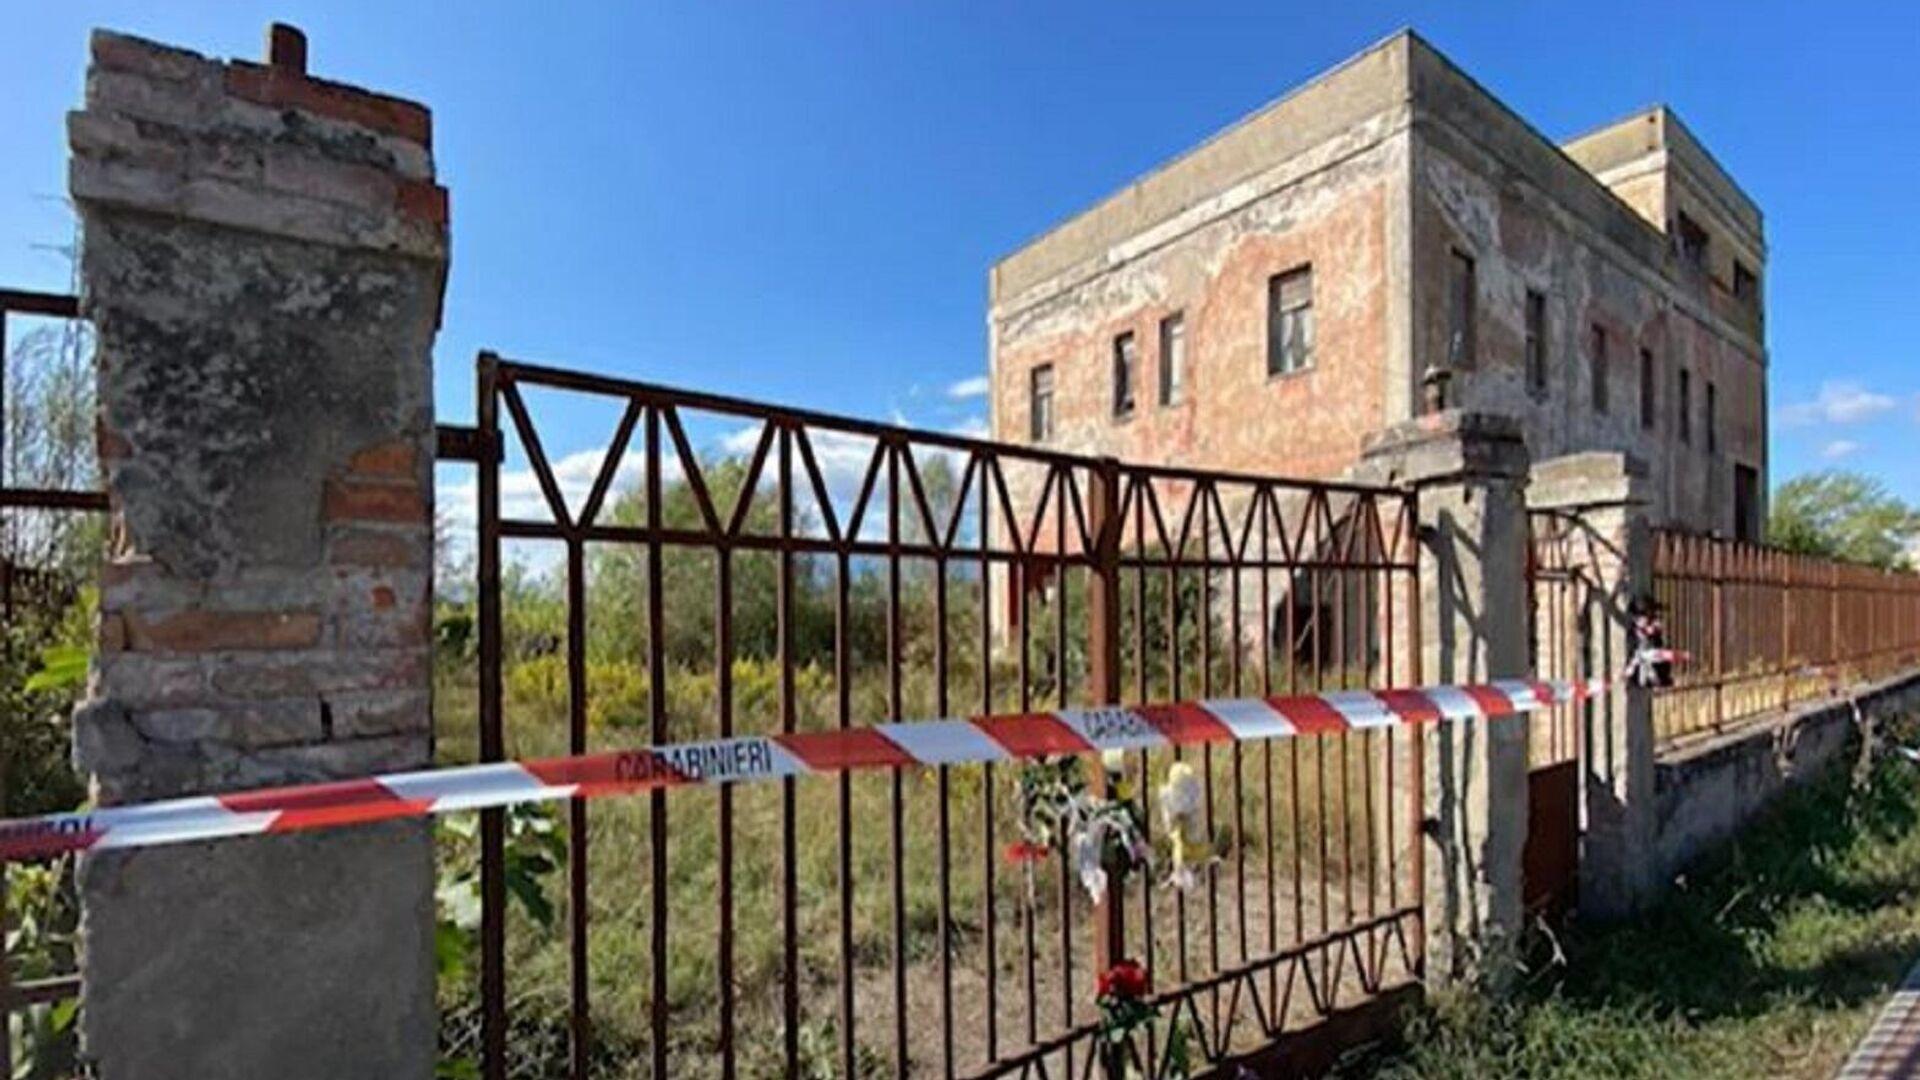 Ιταλία: Mπήκε σε σούπερ μάρκετ και άφησε στο ταμείο το ακρωτηριασμένο σώμα του γιου της - Sputnik Ελλάδα, 1920, 05.10.2021